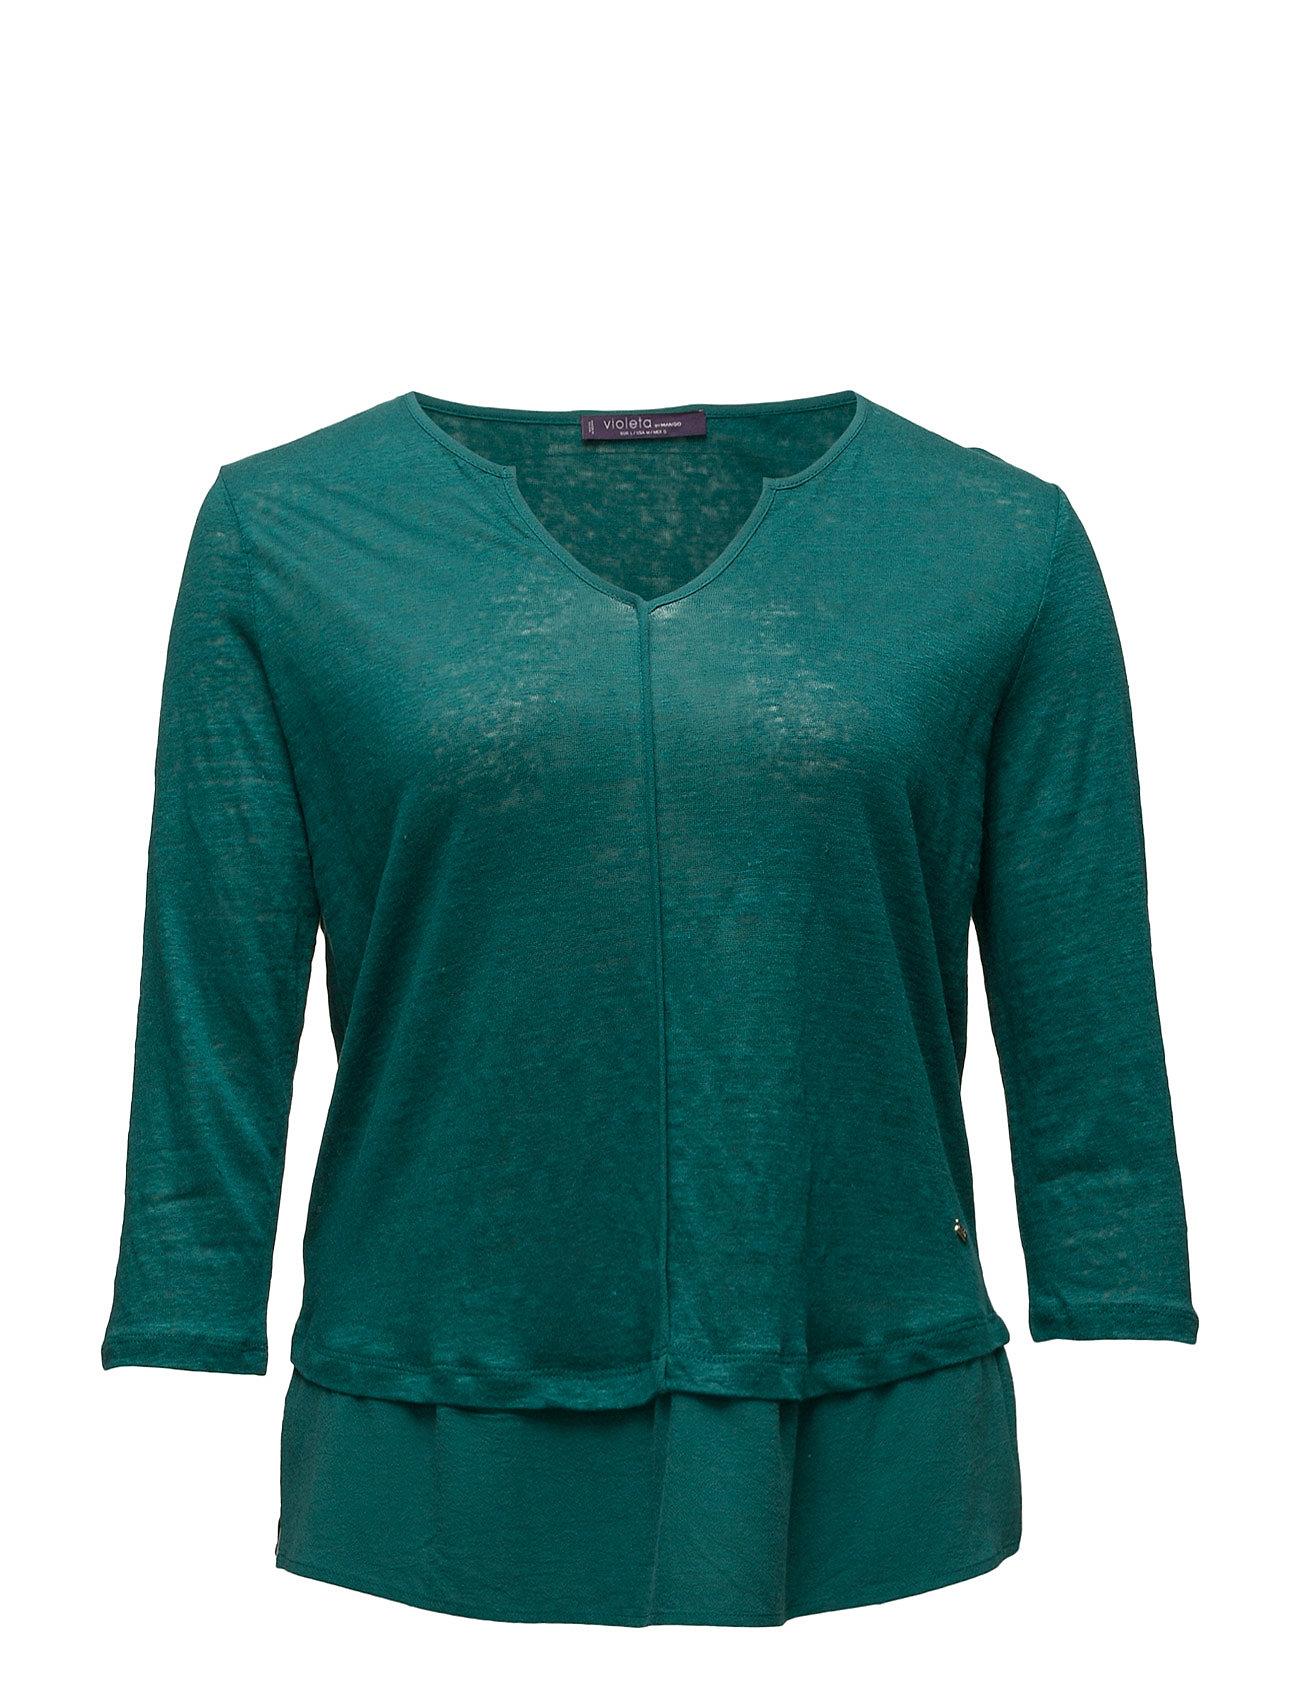 Mixed Linen-Blend T-Shirt Violeta by Mango T-shirts & toppe til Kvinder i Grøn